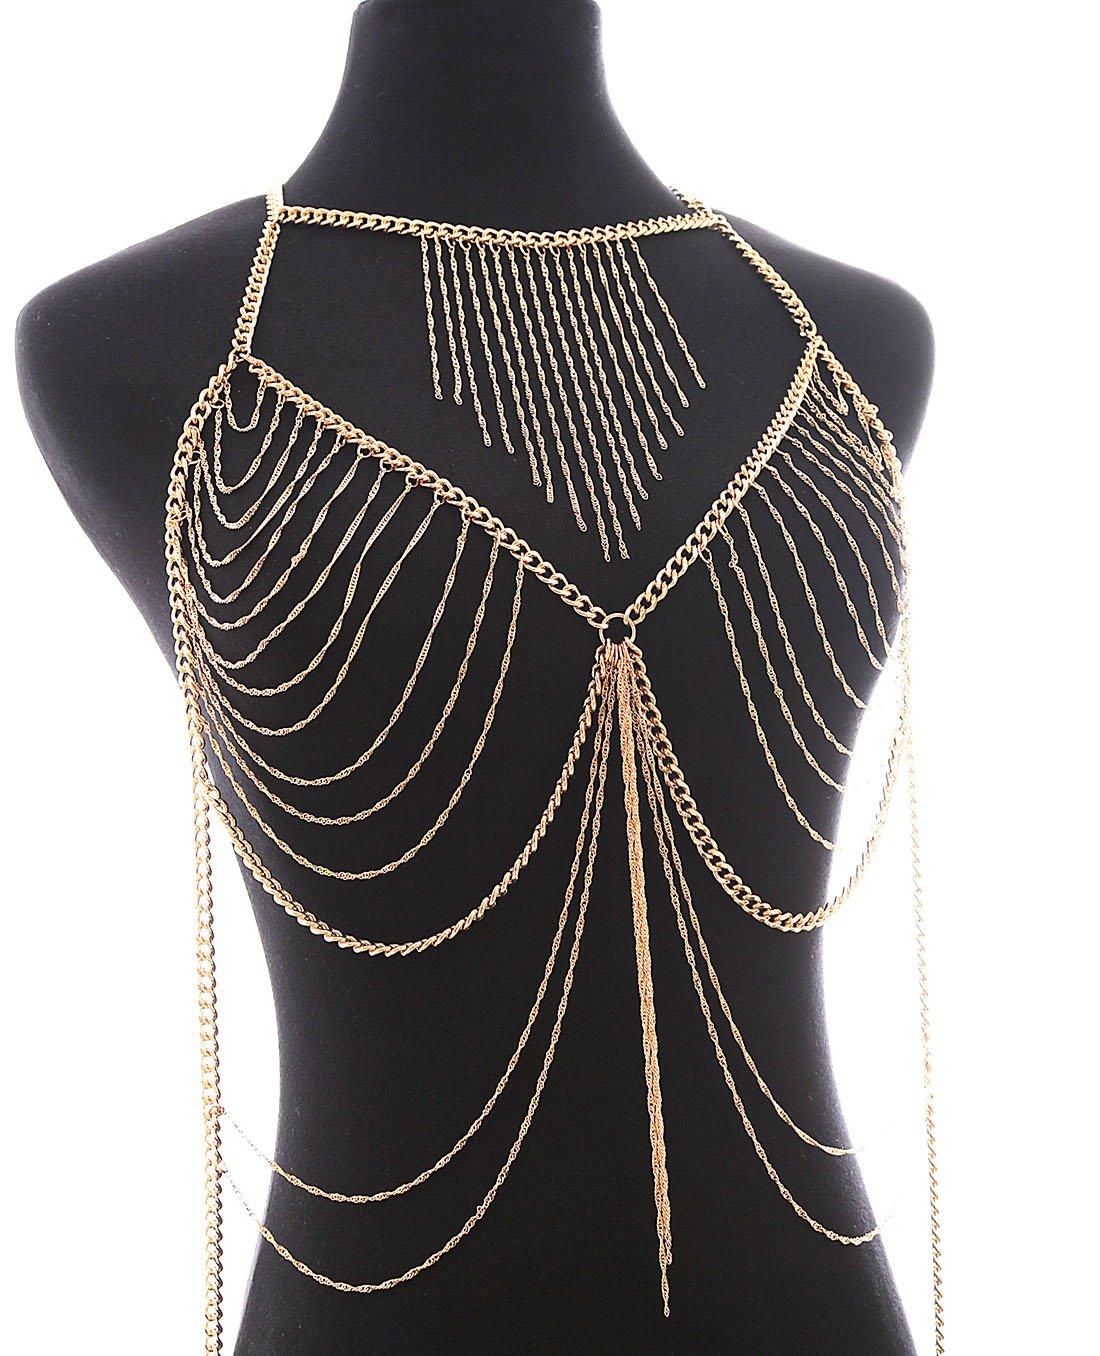 Boderier Retro Bikini Bralette Chain Harness Necklace Crossover Body Chain For Women (Gold)